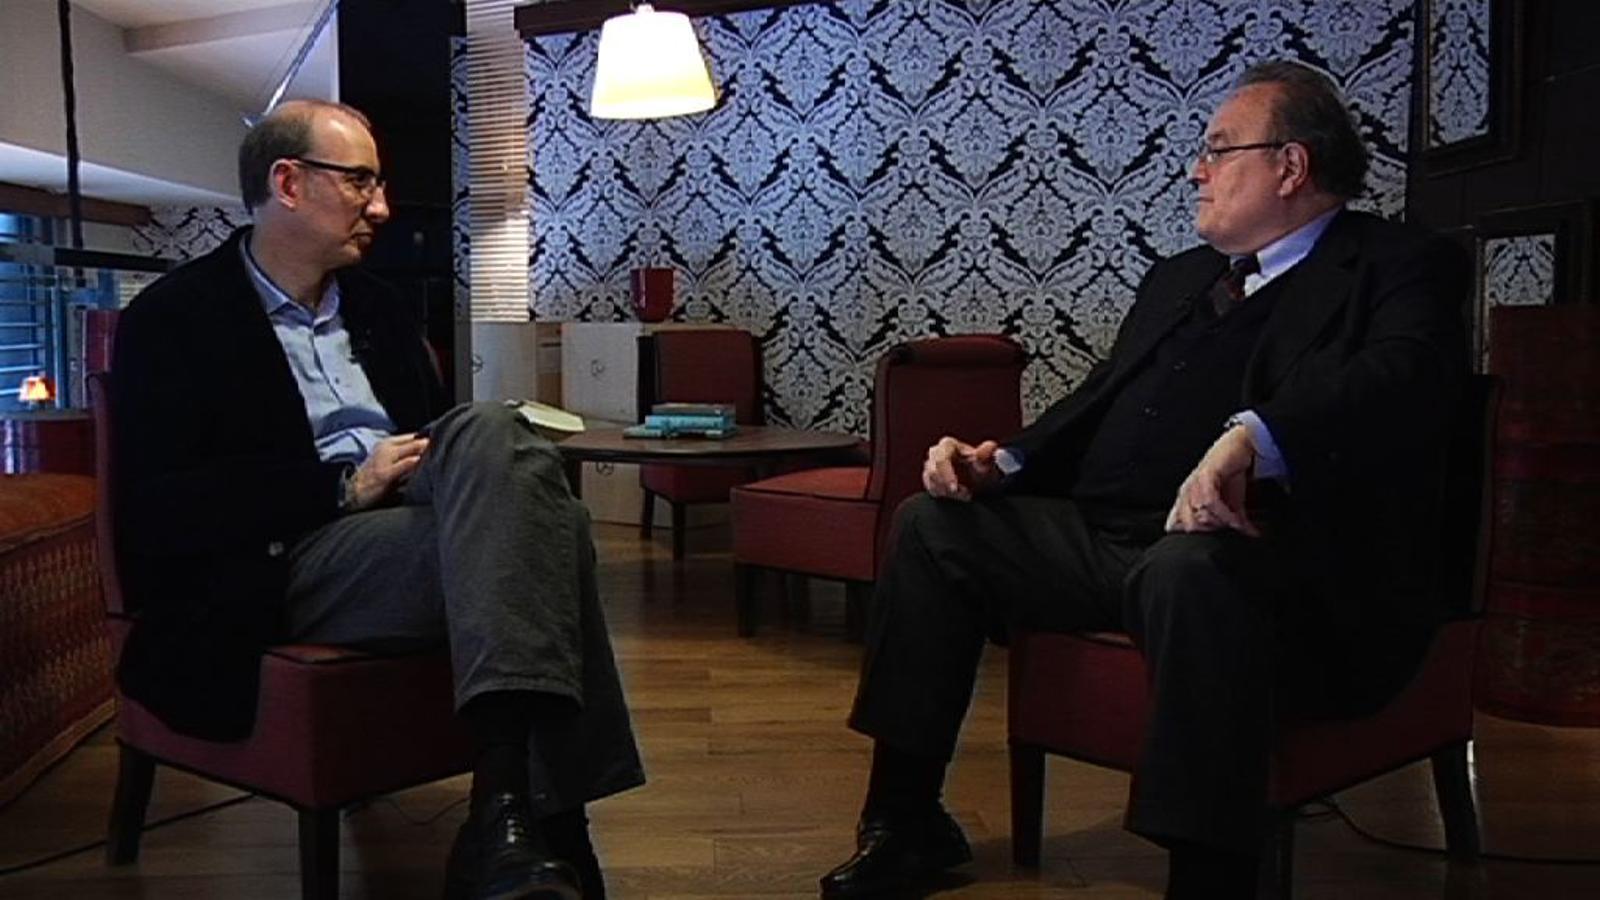 Miquel Sellarès: La gent vol la independència, però també vol que canvïin moltes coses